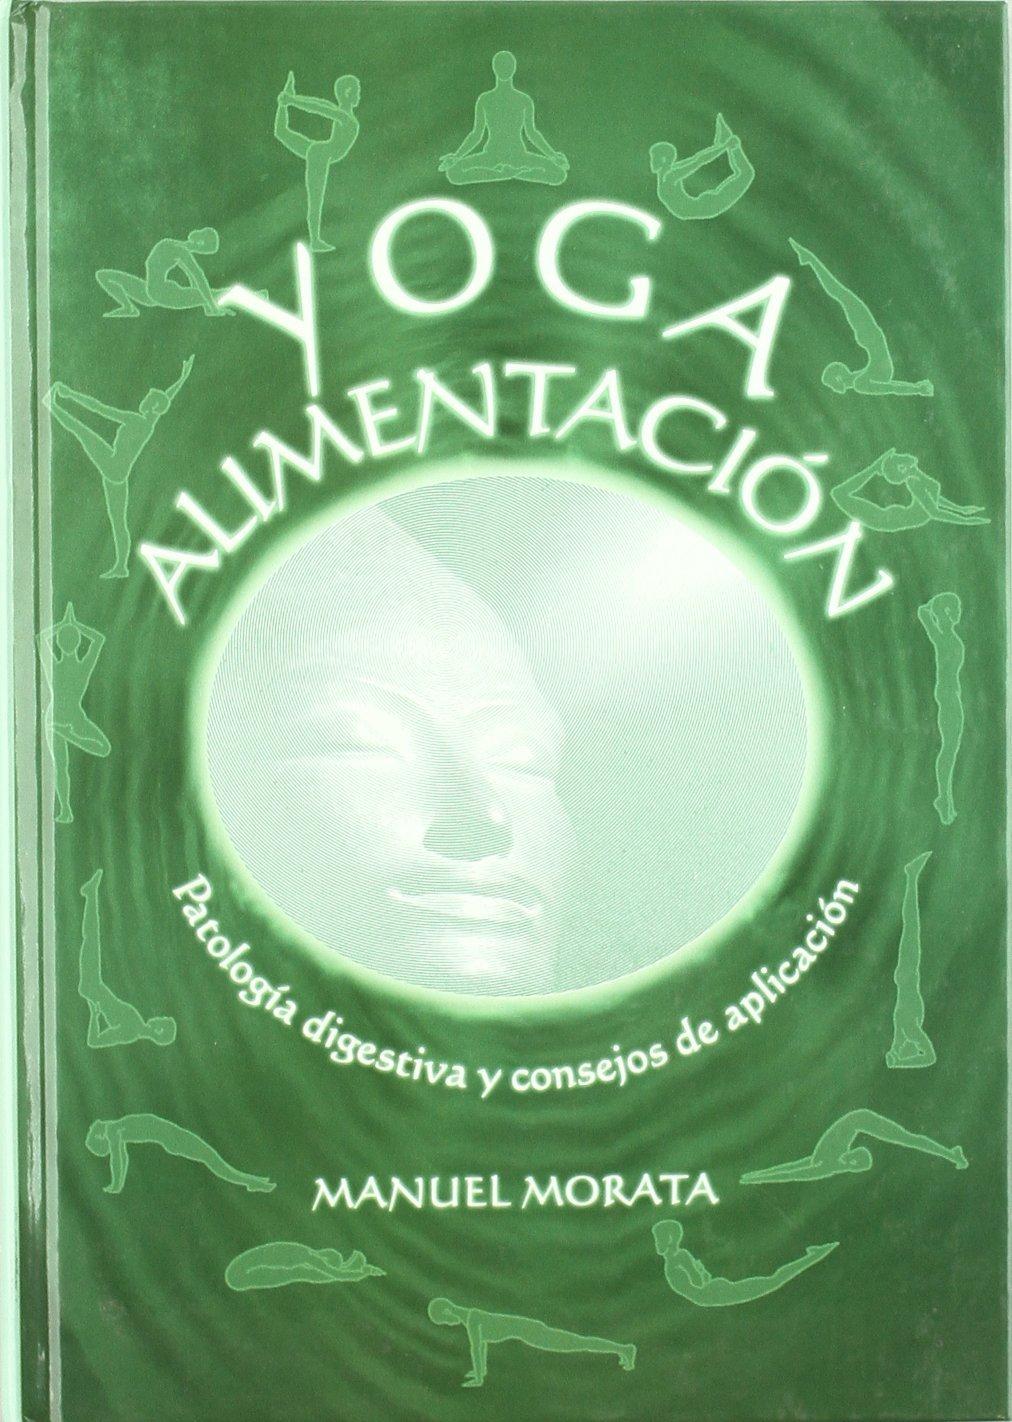 Yoga alimentacion de Manuel Morata 26 jun 2009 Tapa blanda ...